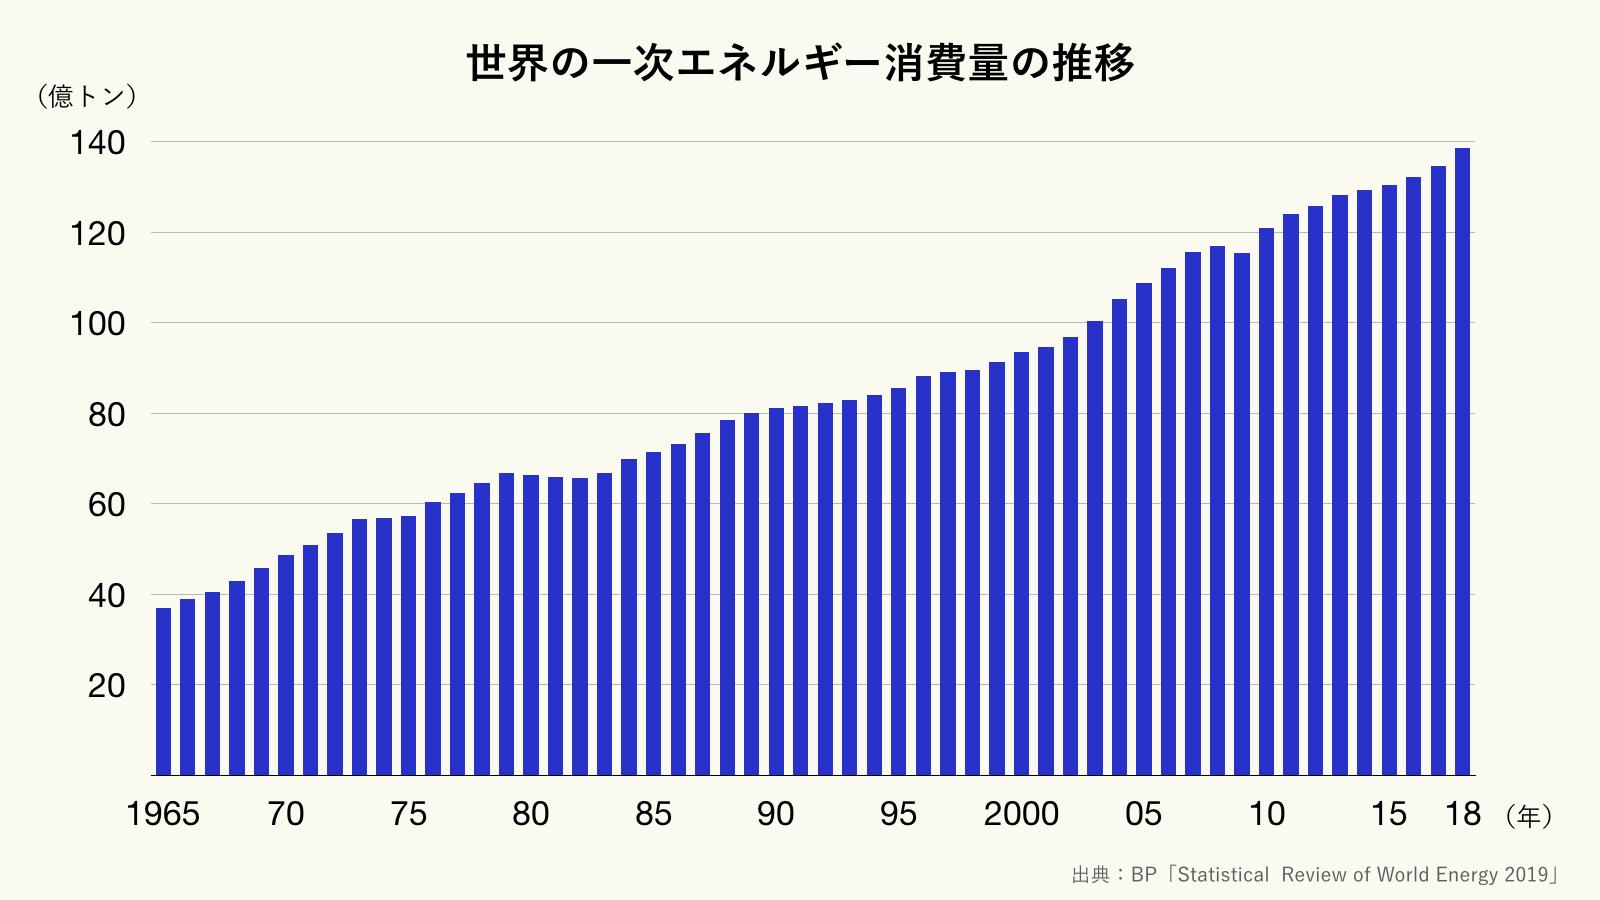 世界の一次エネルギー消費量の推移(クリーム)